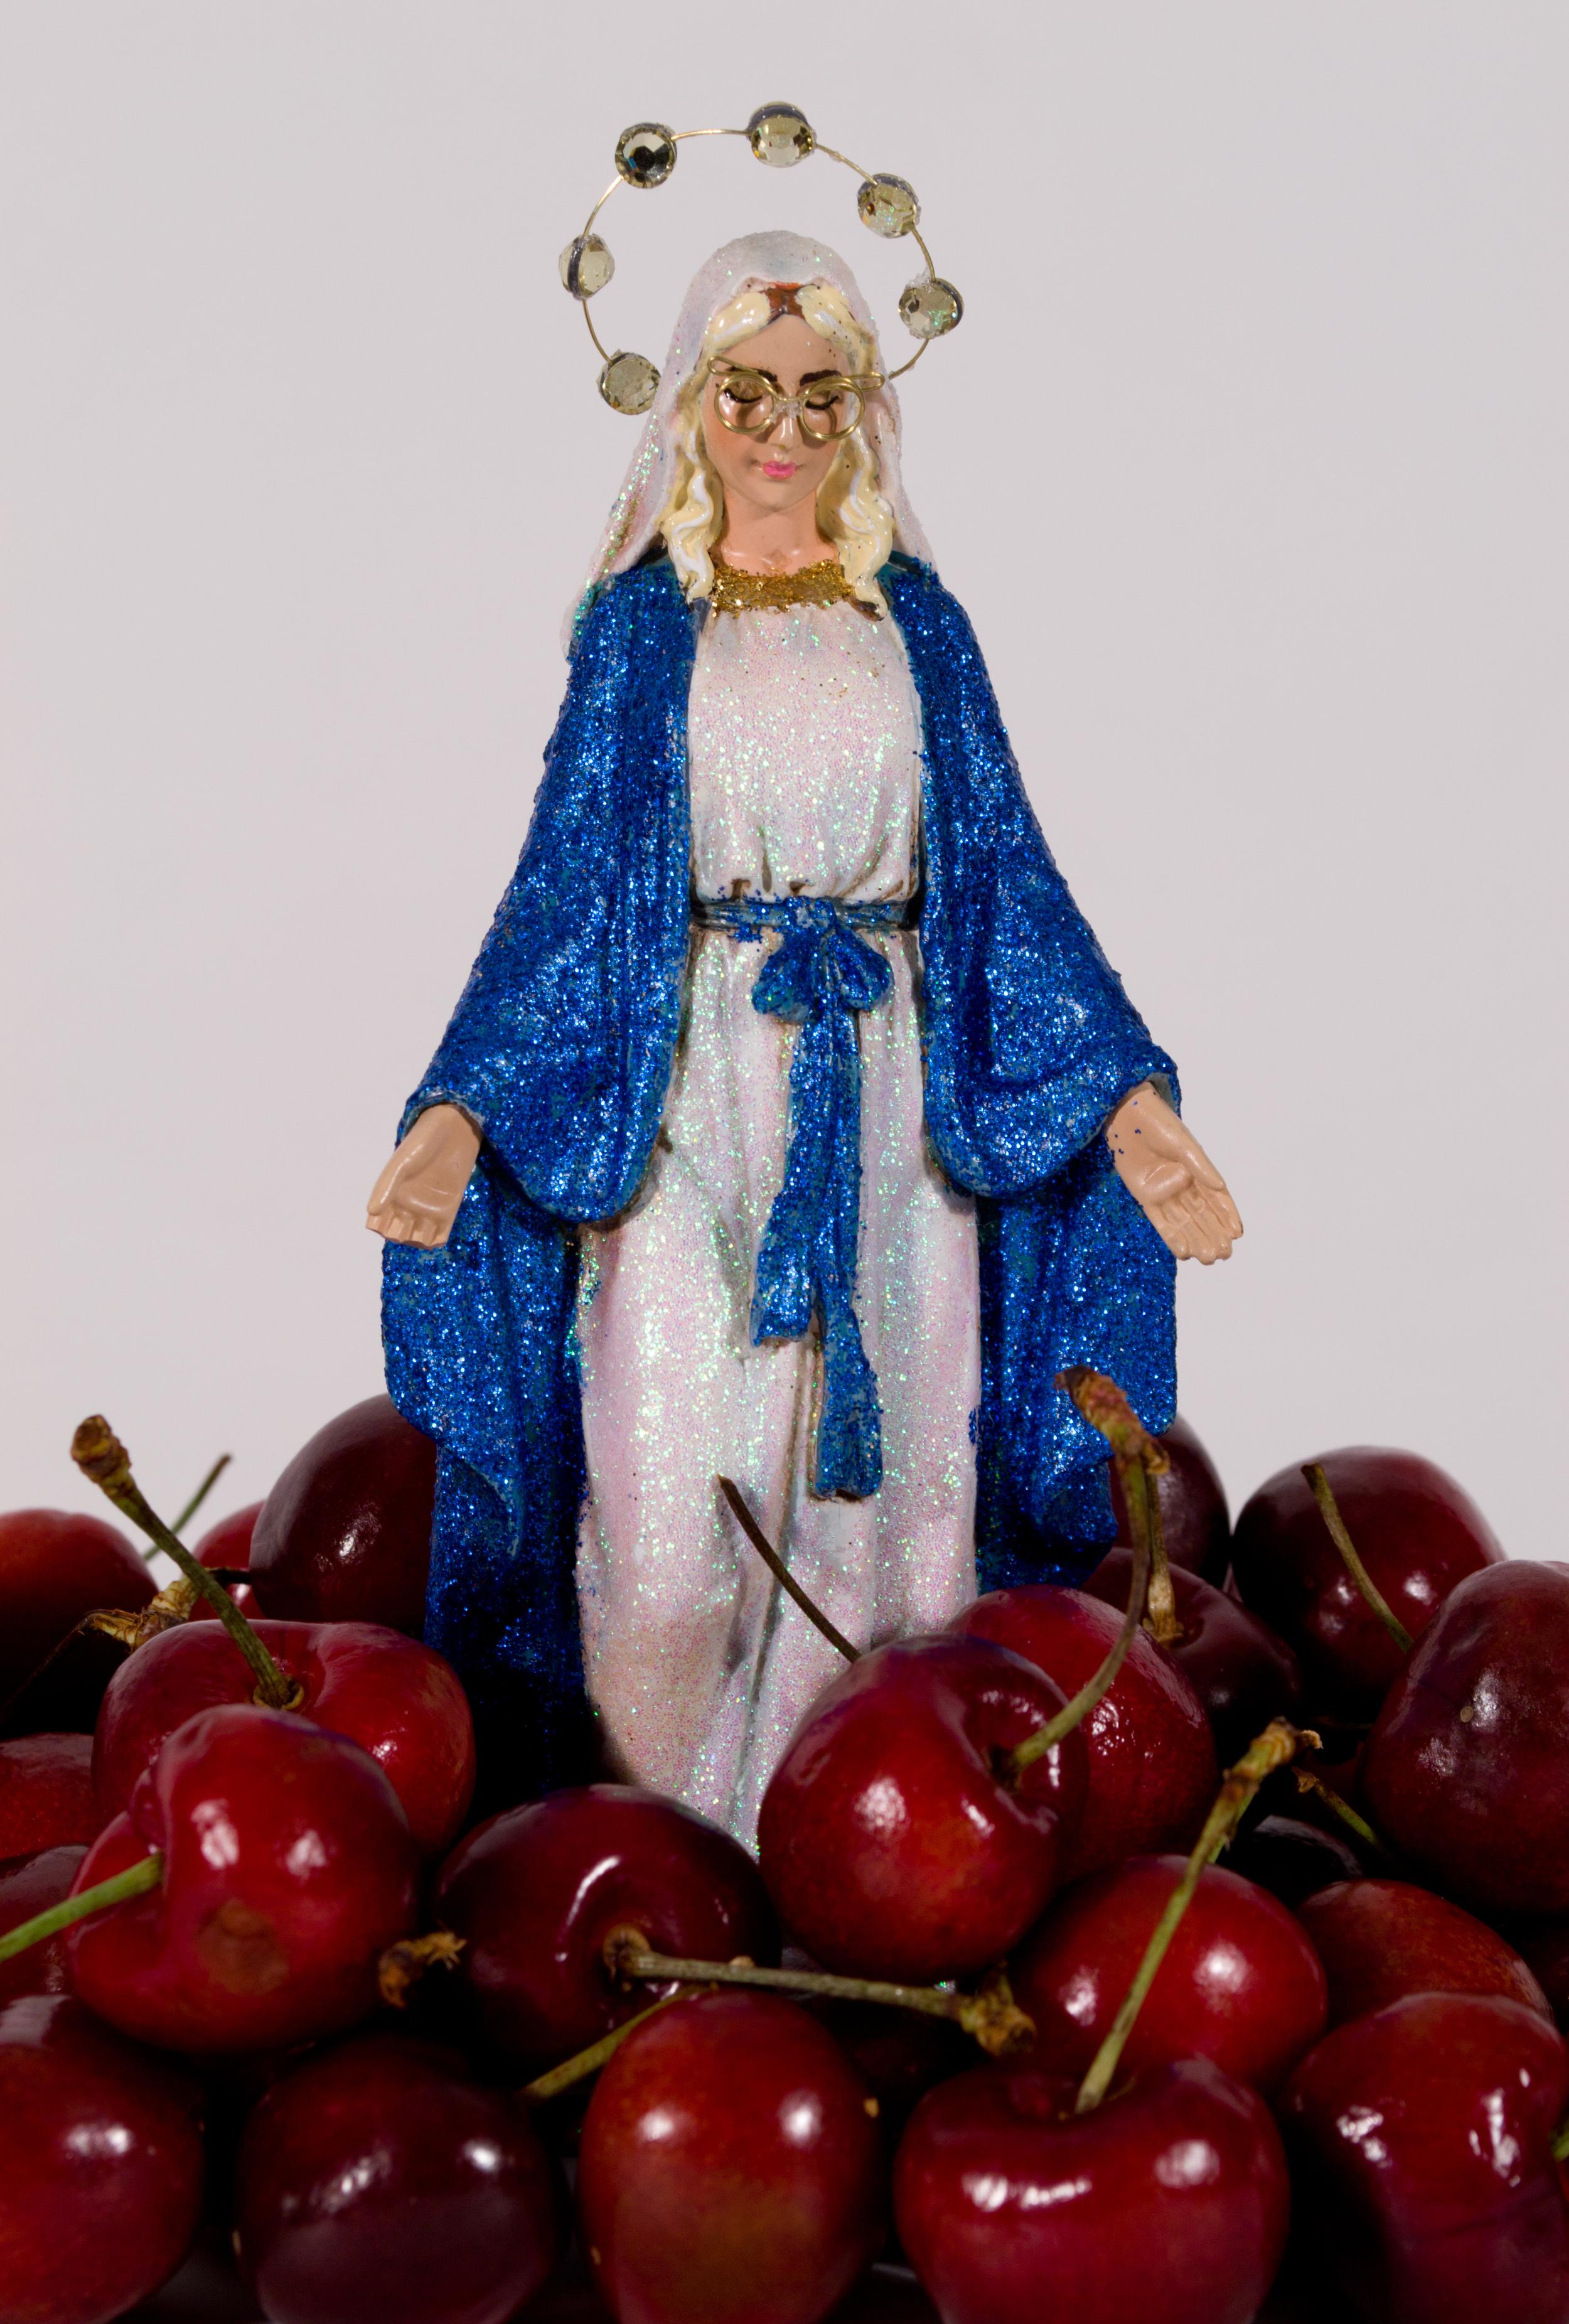 Popping Mary's Cherry (OG)